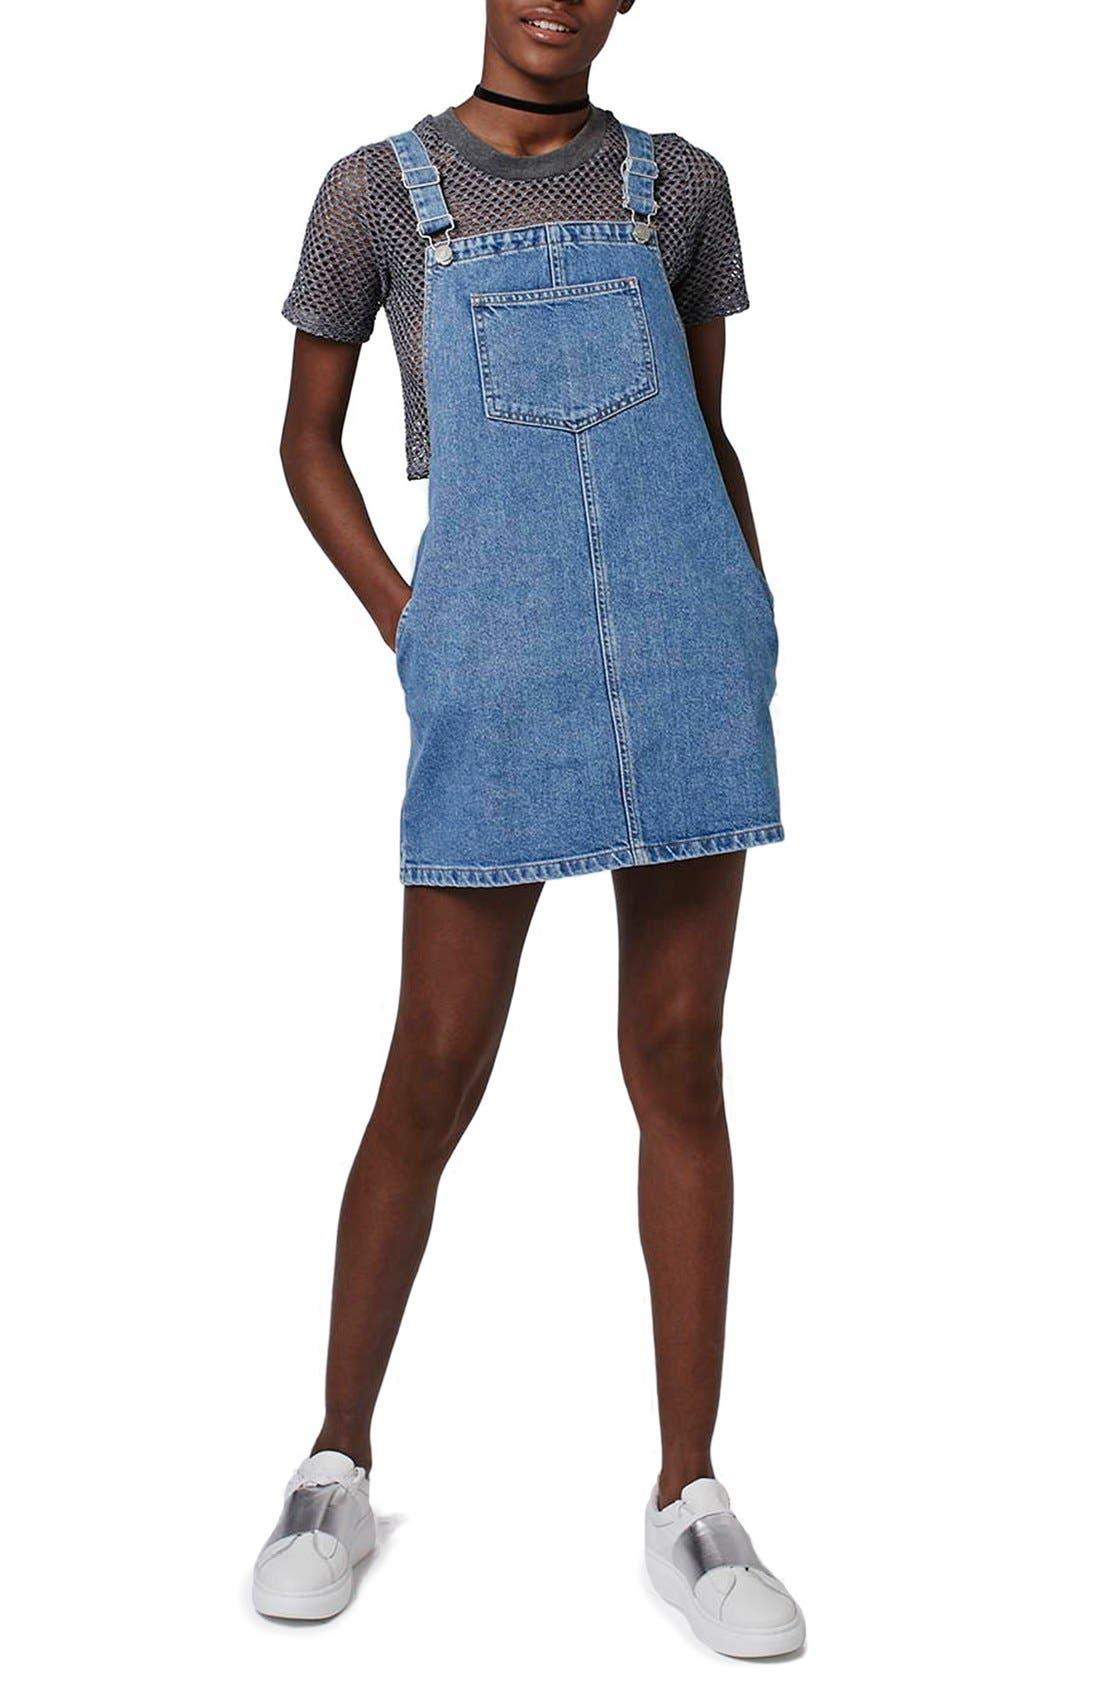 Alternate Image 1 Selected - Topshop Denim Pinafore Dress (Petite)